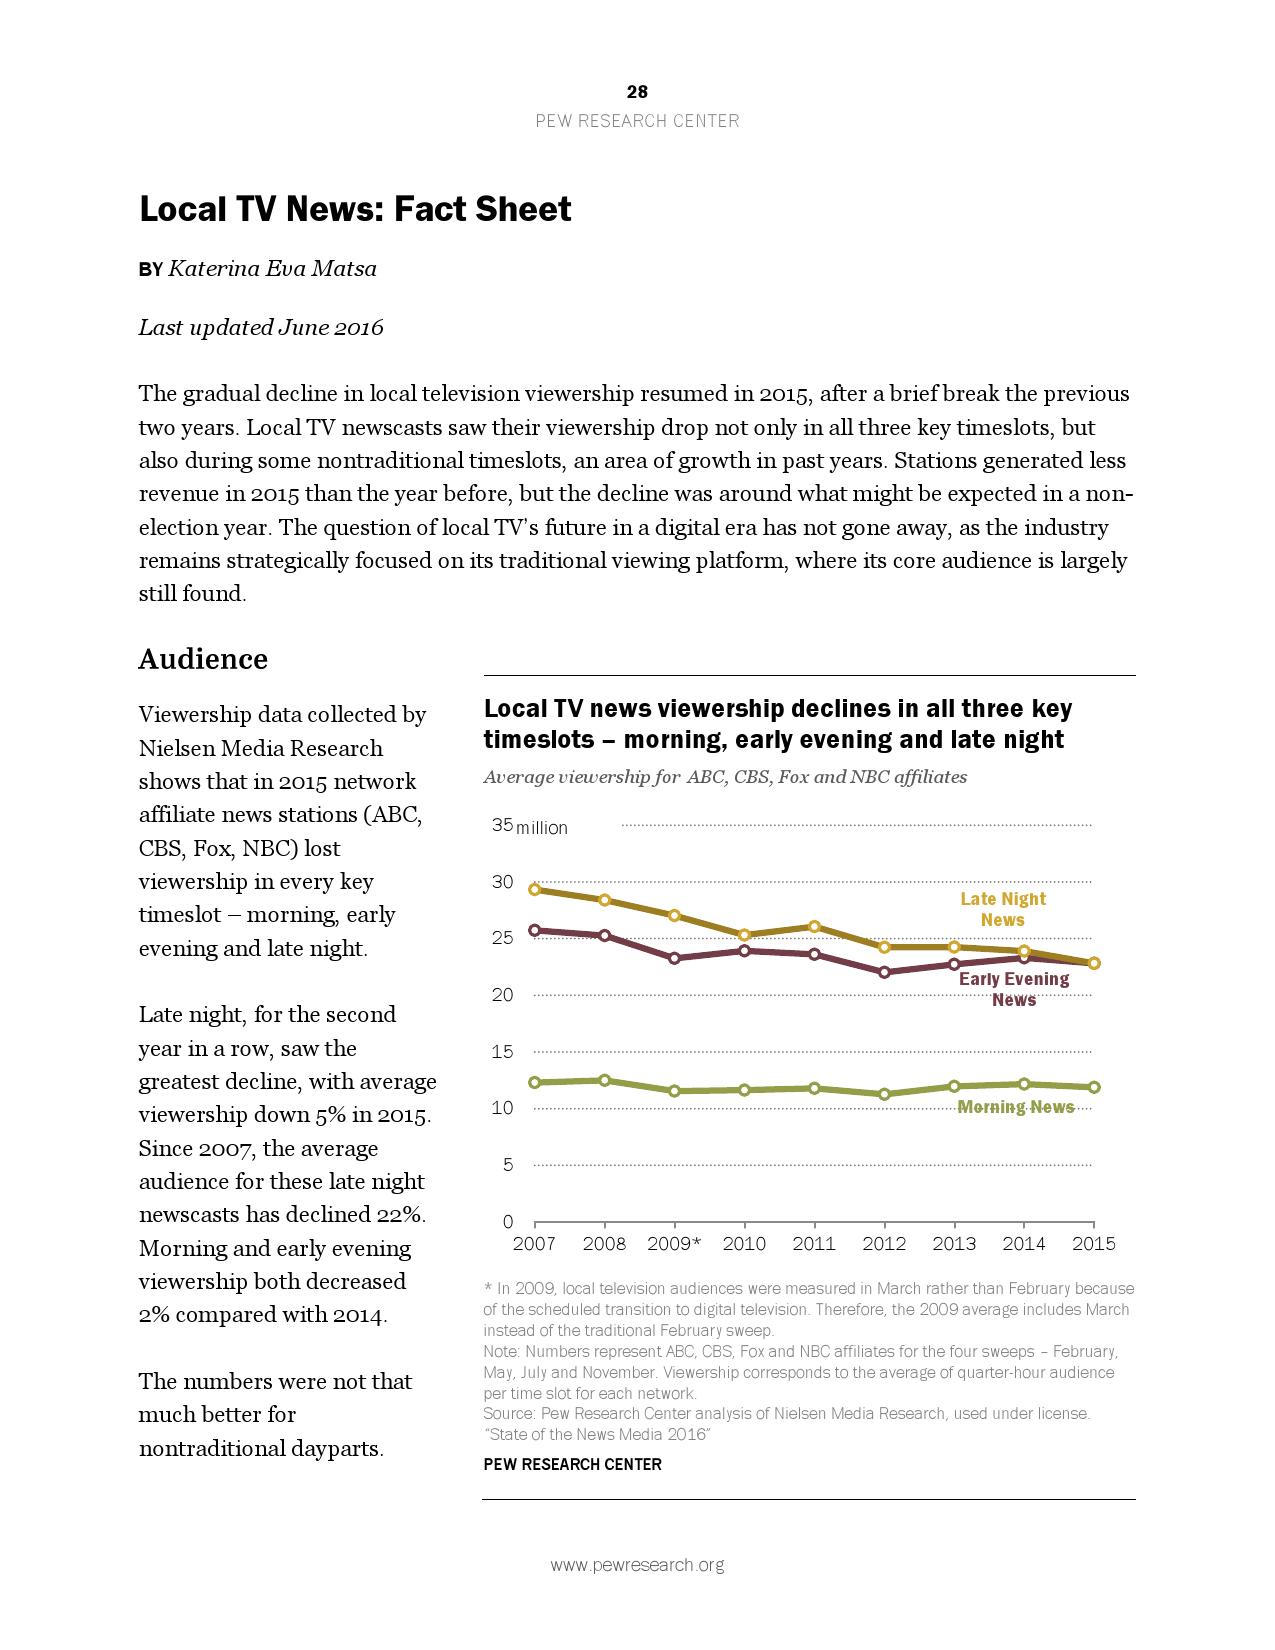 2016美国新媒体研究报告_000028